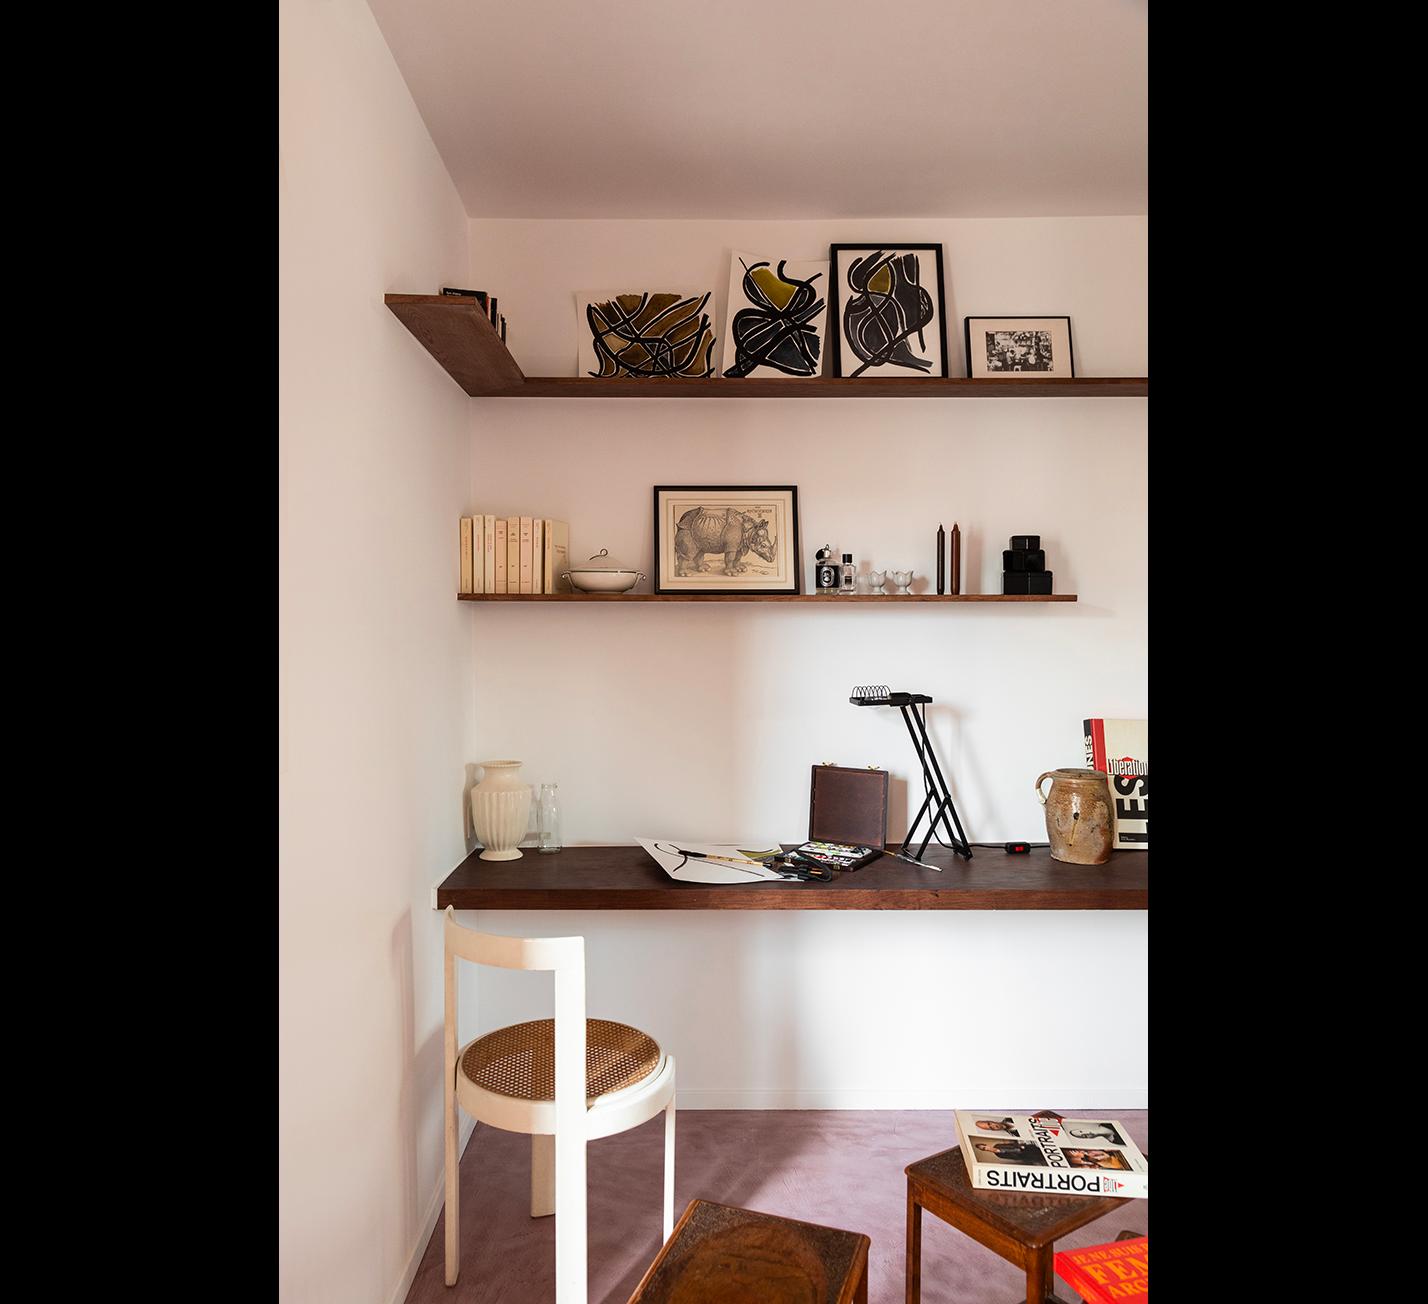 Appartement-Léon-paris-rénovation-architecture-paris-construction-atelier-steve-pauline-borgia-13